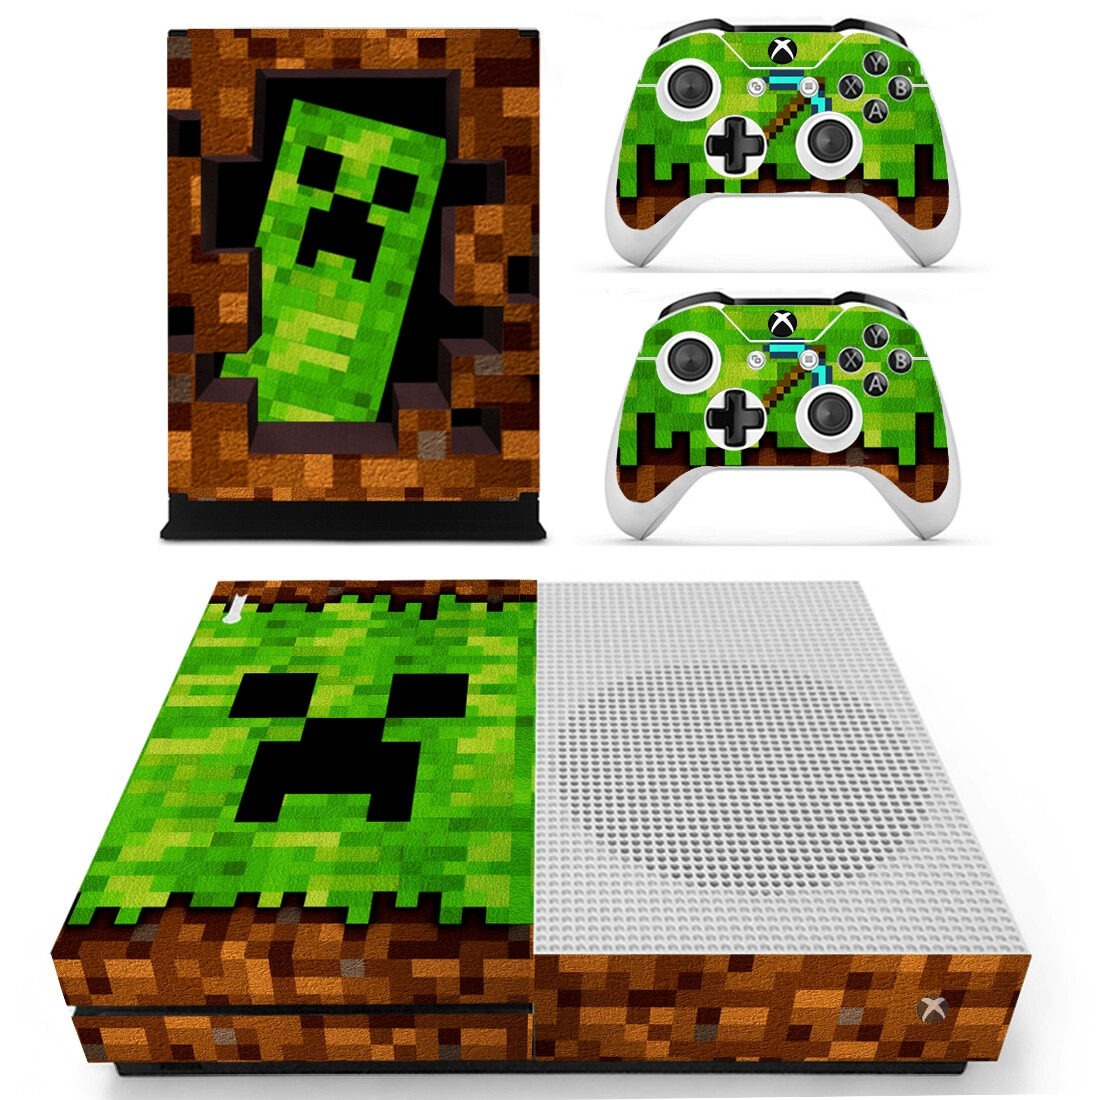 جديد لعبة الجلد ملصق مائي غطاء ل Xbox One S وحدة التحكم وأجهزة التحكم ل Xbox One سليم جلود ملصقات الفينيل